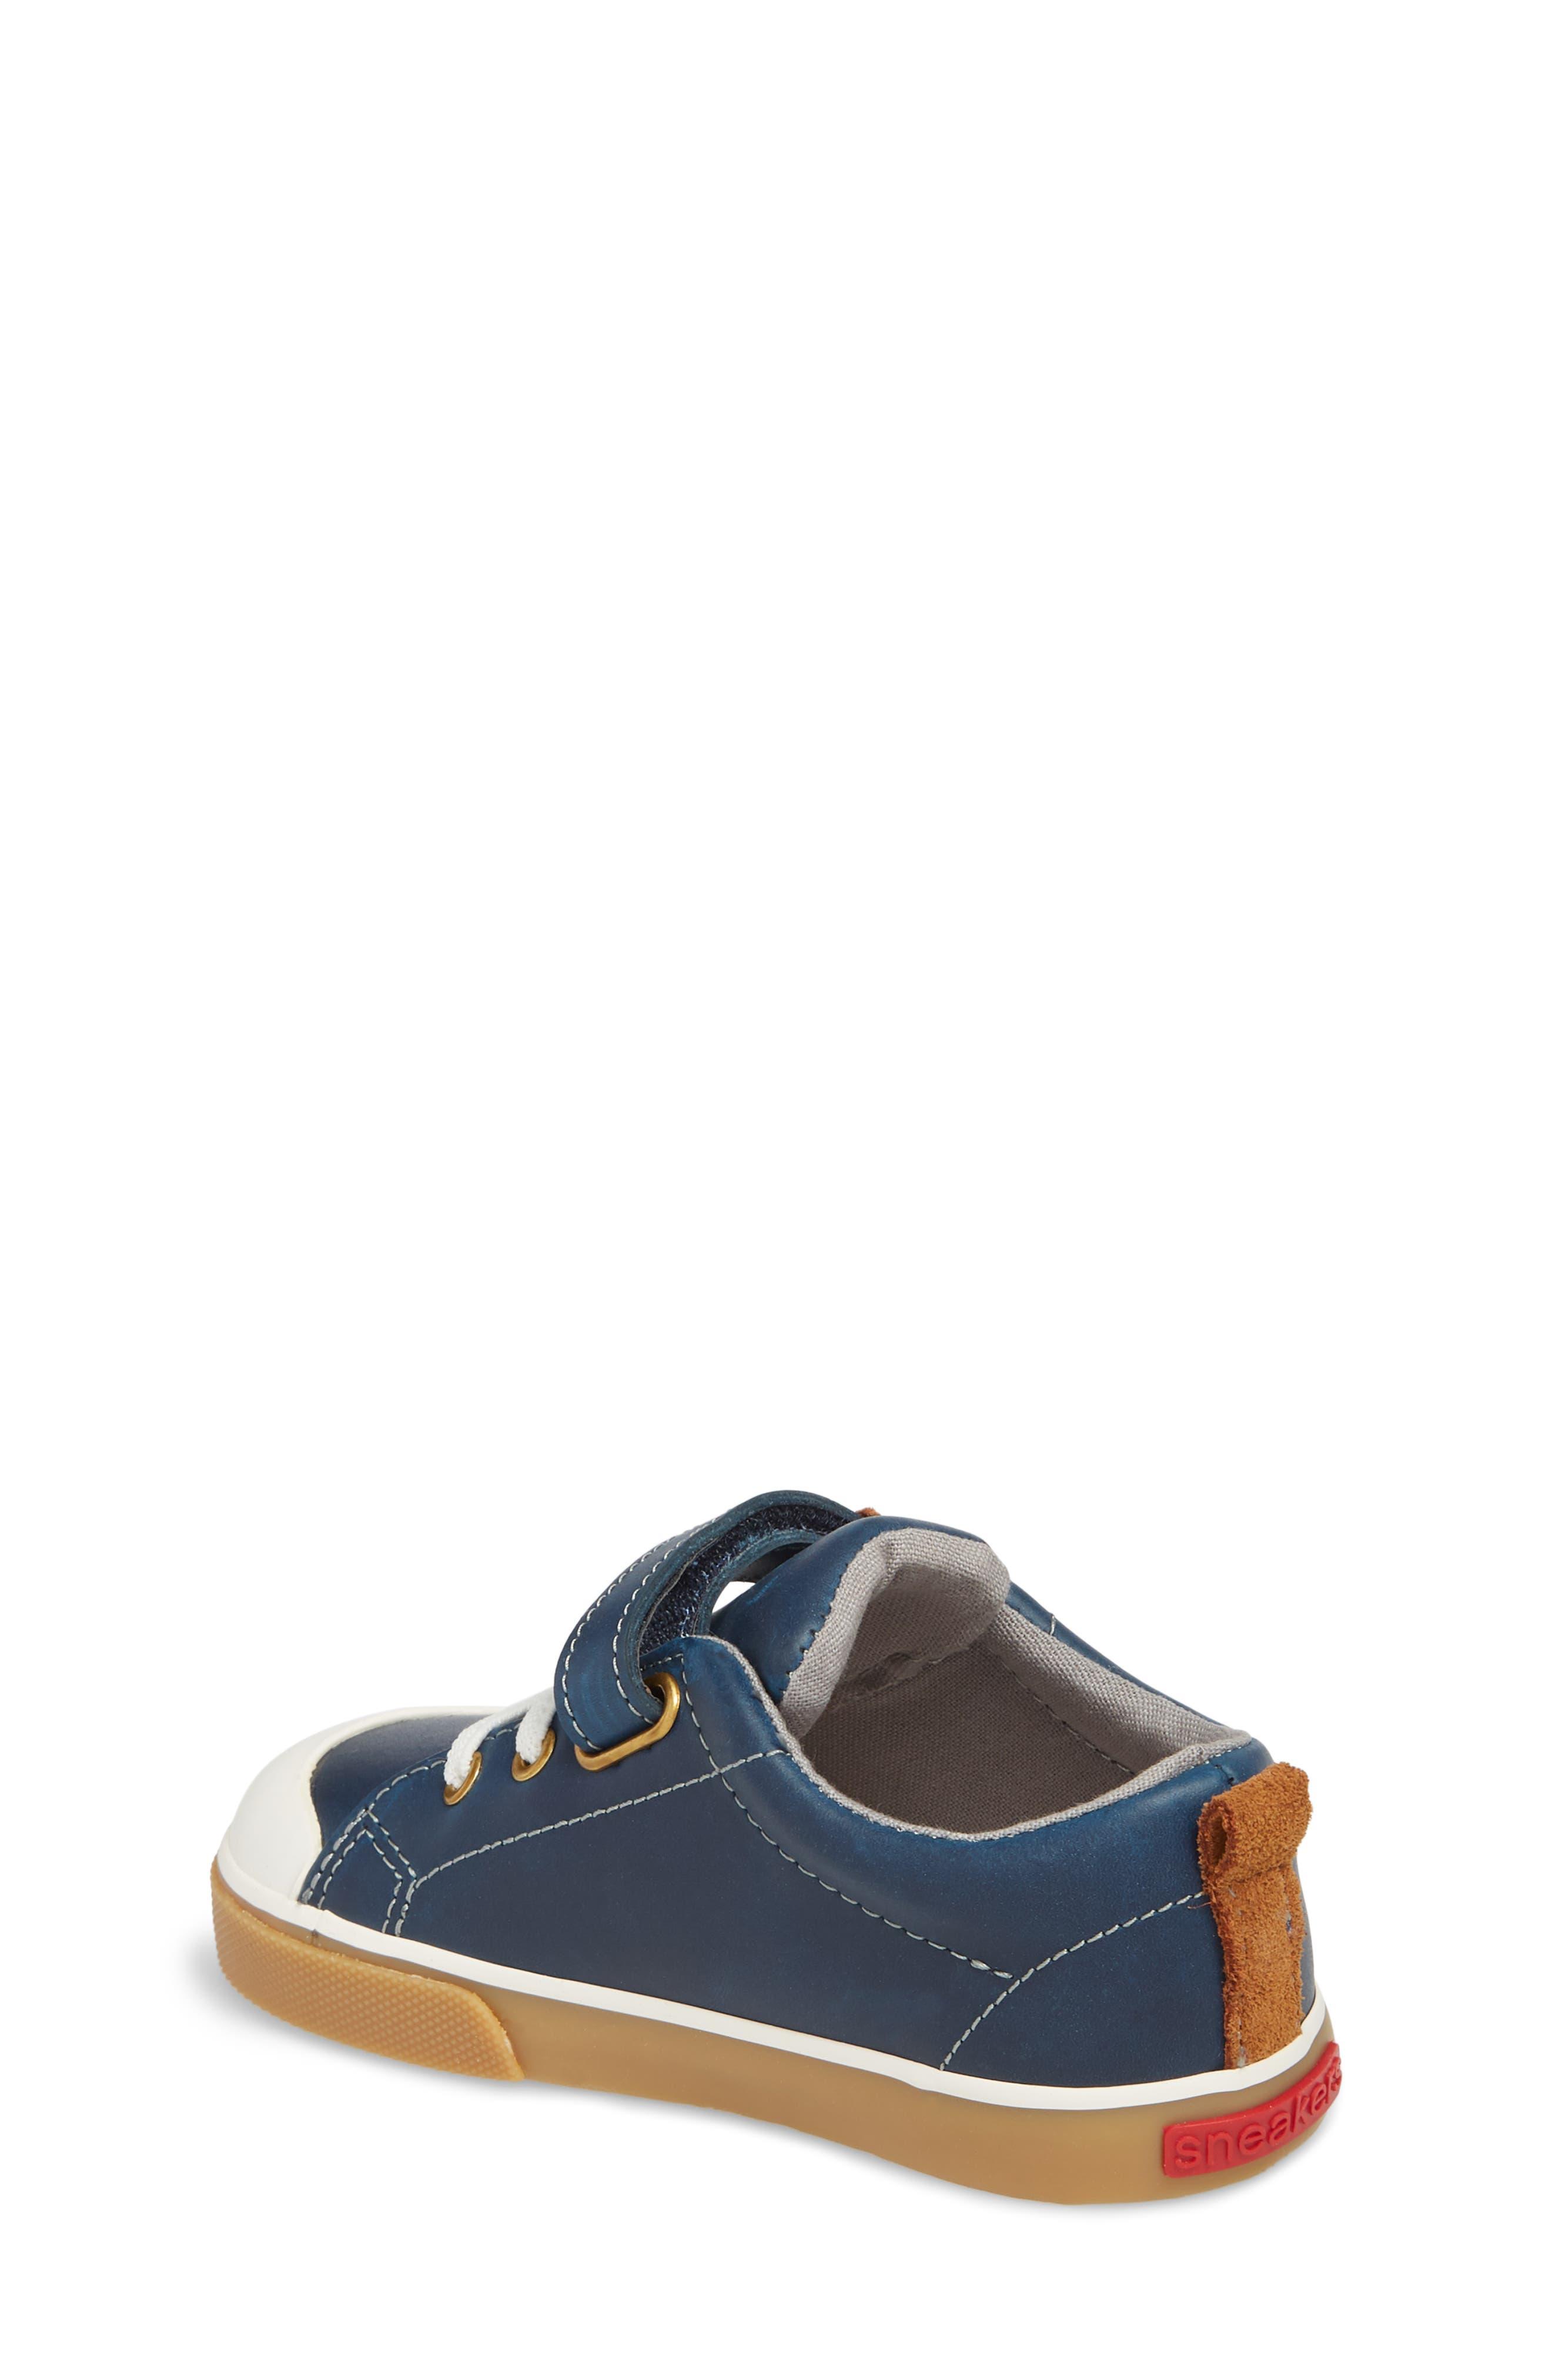 Stevie II Sneaker,                             Alternate thumbnail 2, color,                             NAVY LEATHER